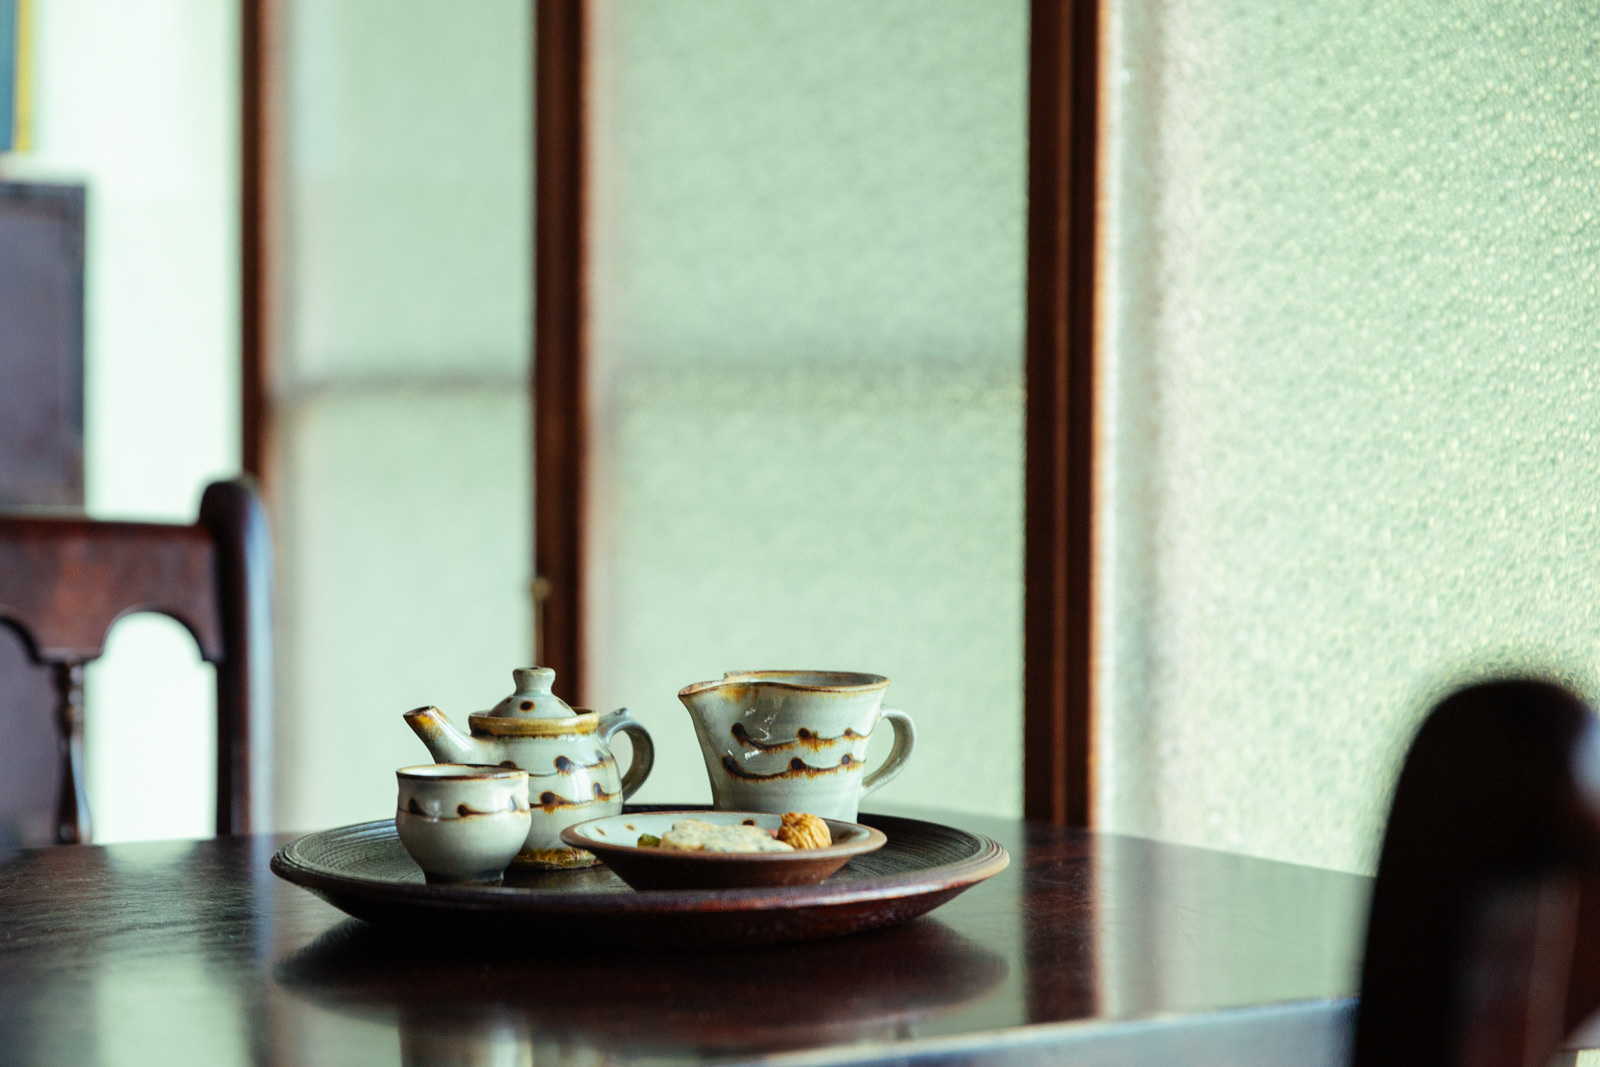 6月20日(日)中国茶教室、休講のお知らせ_d0293004_08033989.jpeg